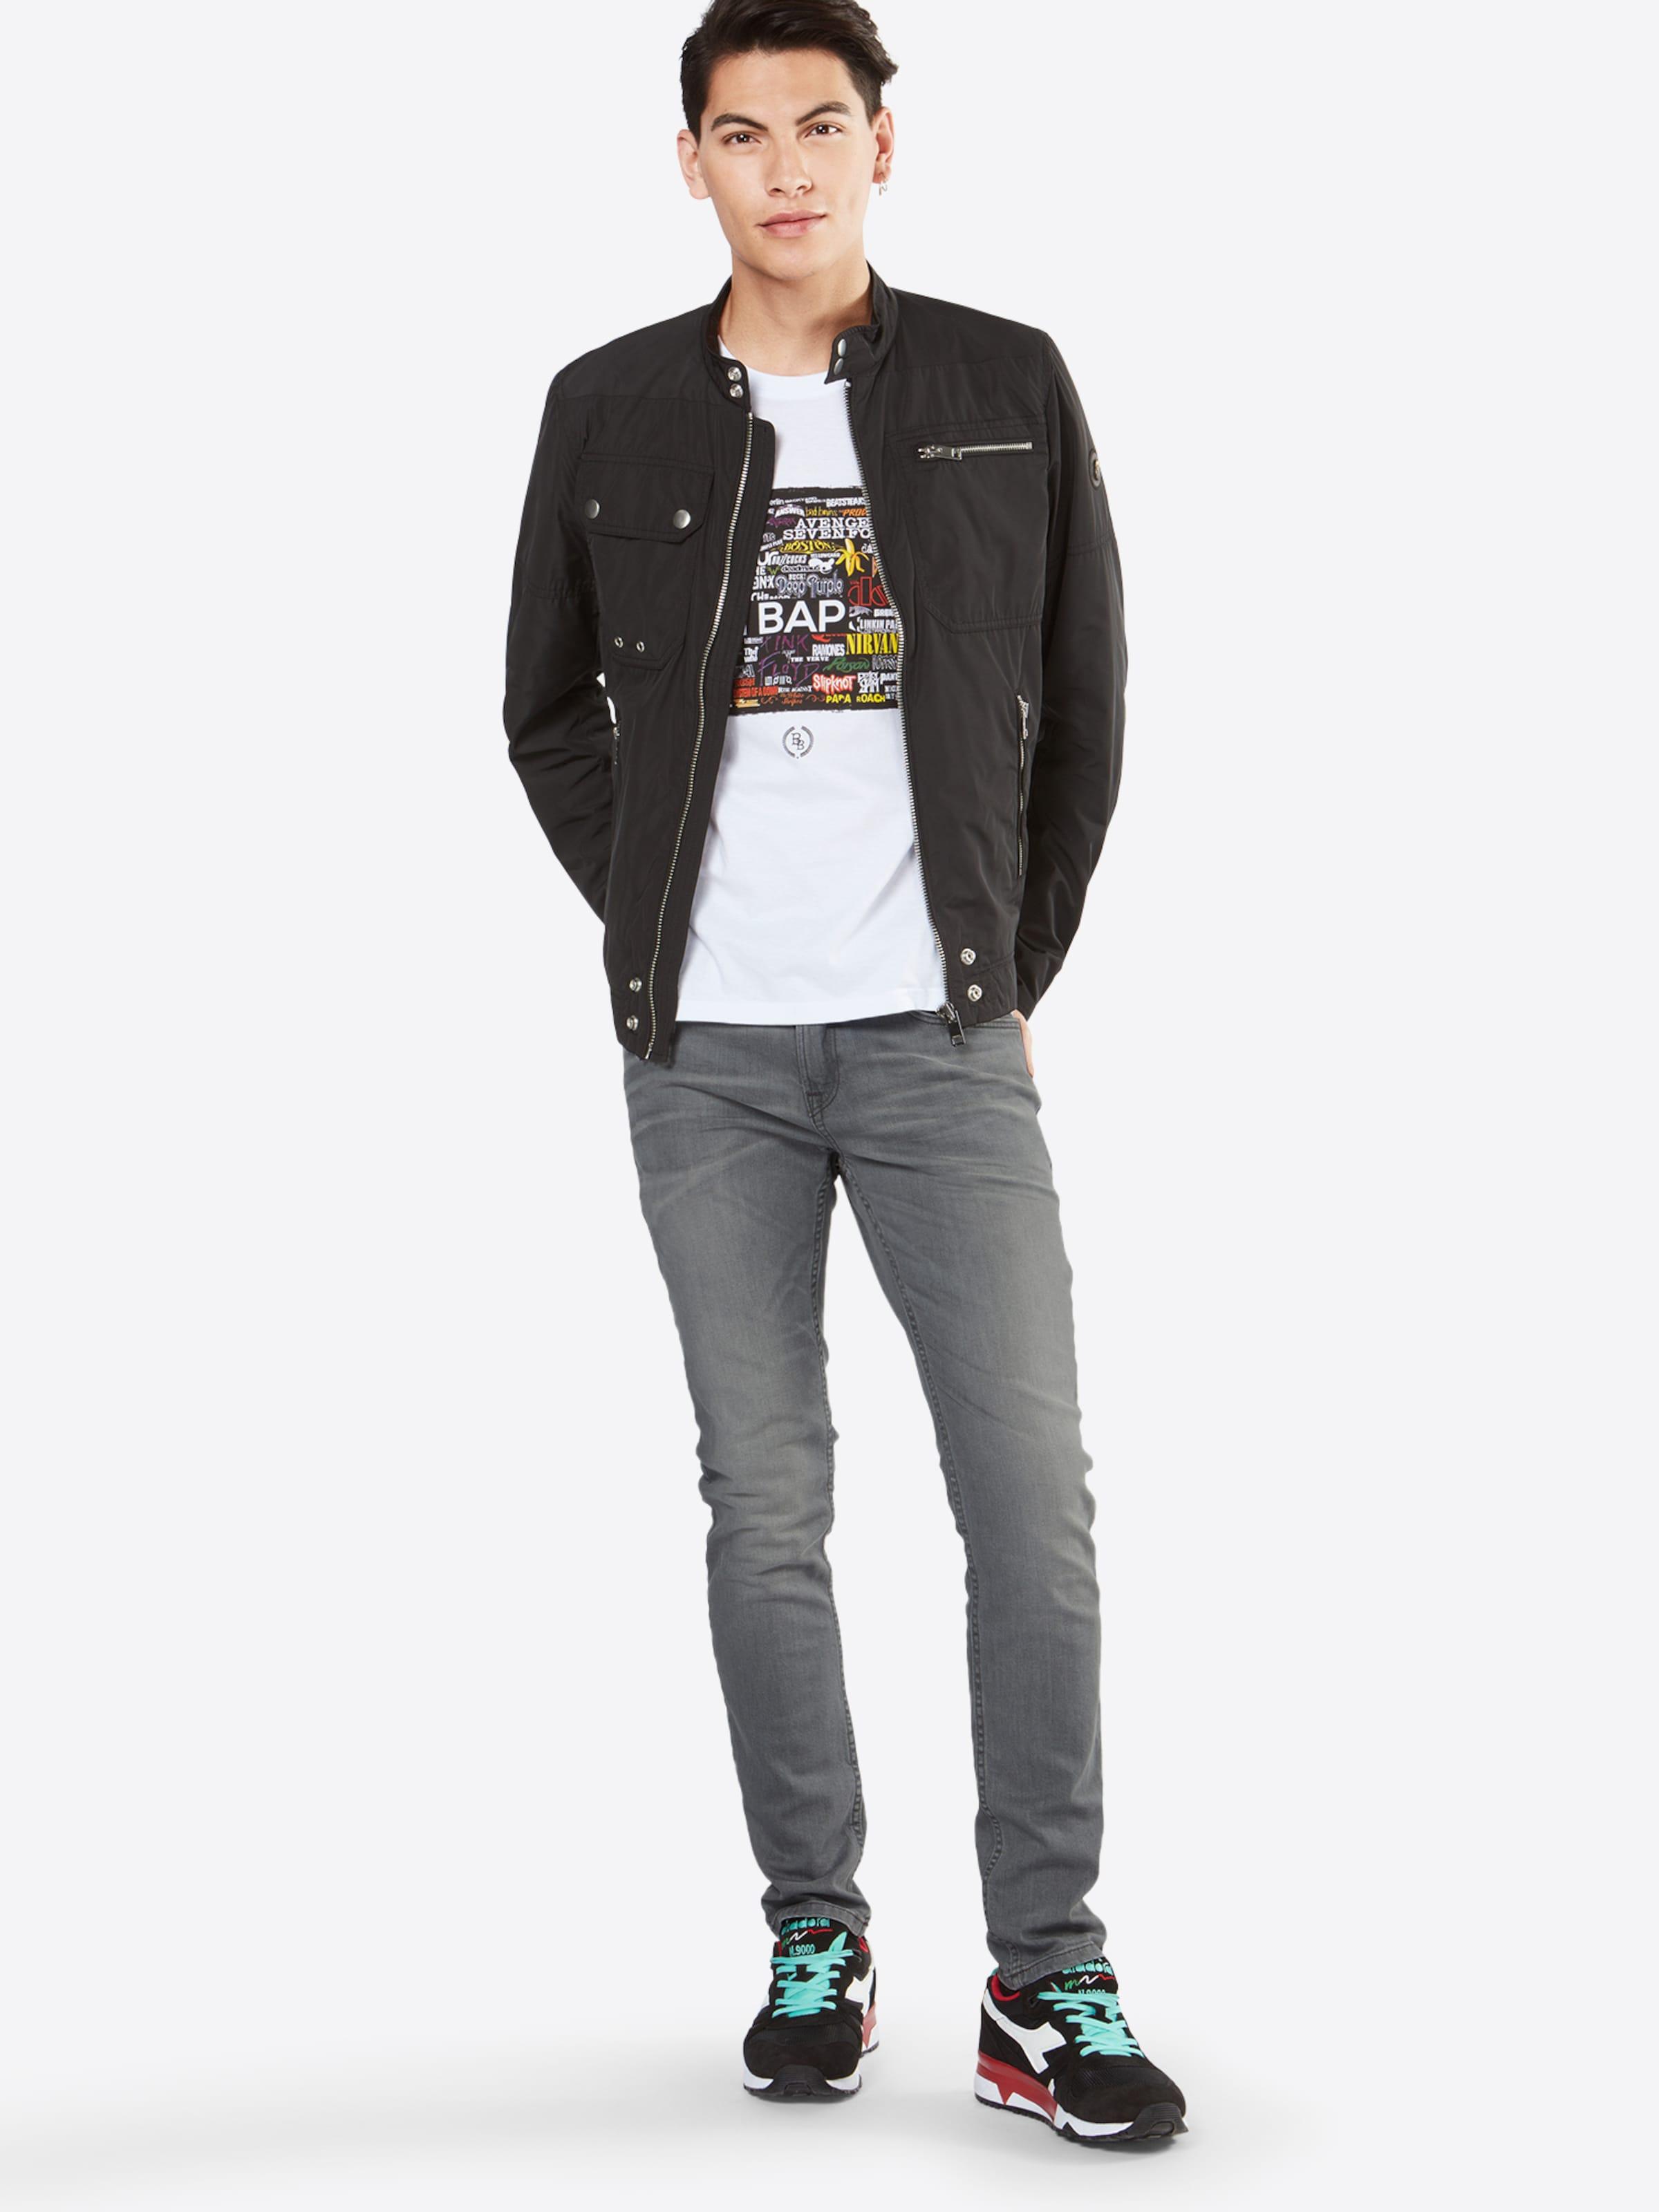 TOM TAILOR DENIM 'CULVER' Jeans Zu Verkaufen Authentische Online Kaufen Besuchen Sie Günstig Online Fälschung Günstig Online Für Schöne Online ju5mrbAf